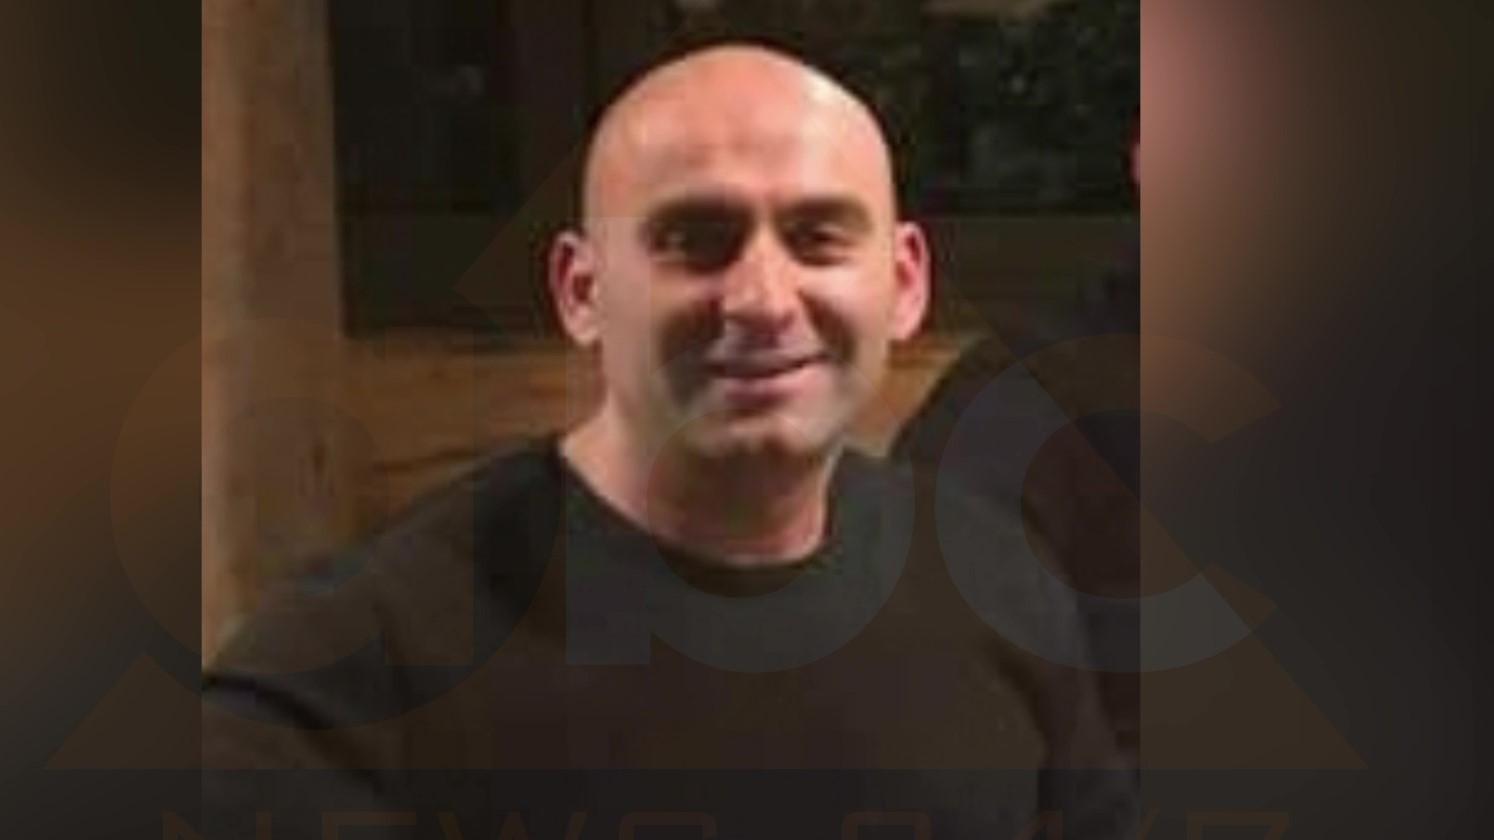 Video/Shkodër, ekzekutohet me tre plumba në kokë në makinën e tij një 32 vjeçar